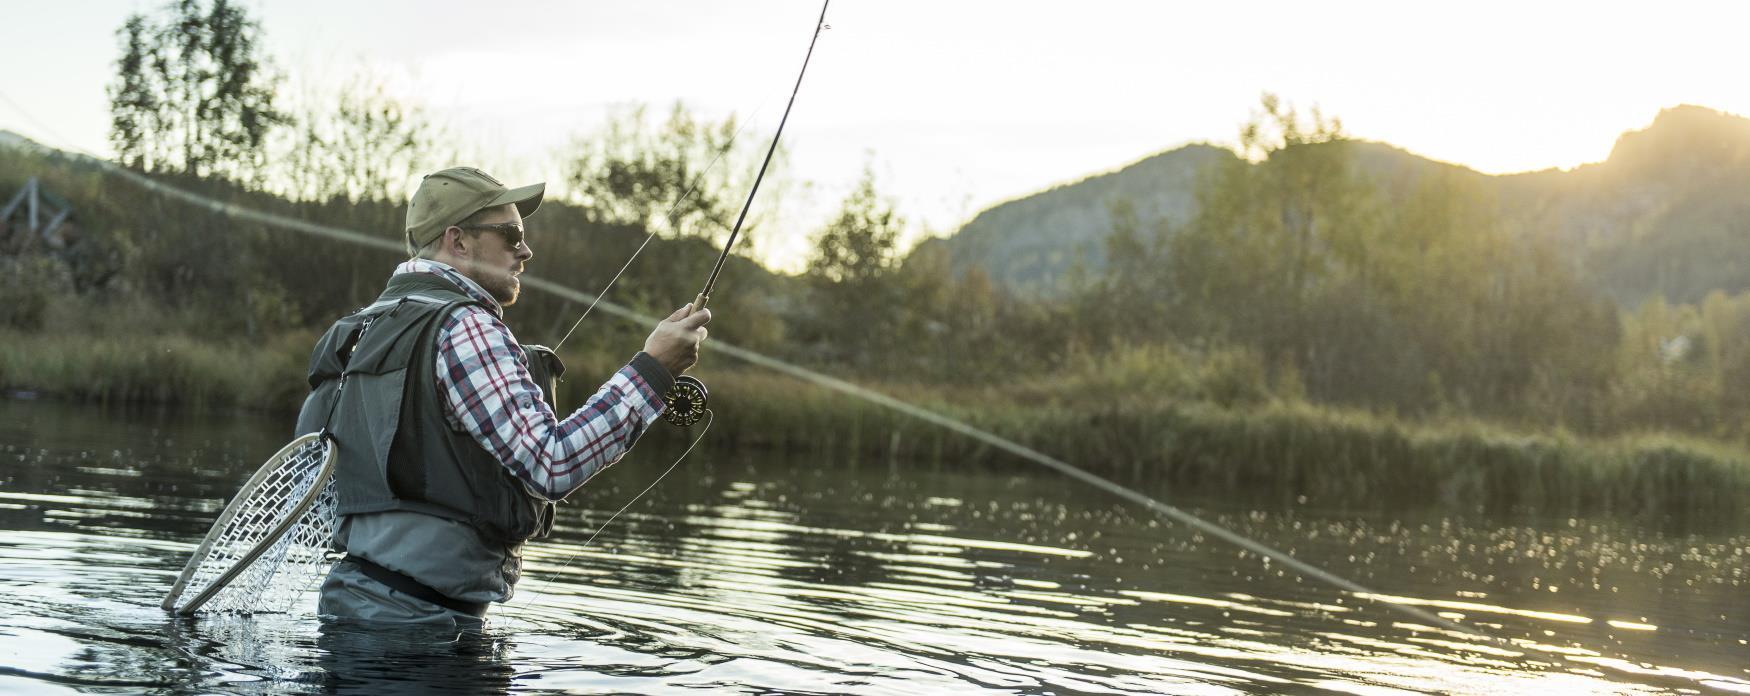 Fishing in Ål